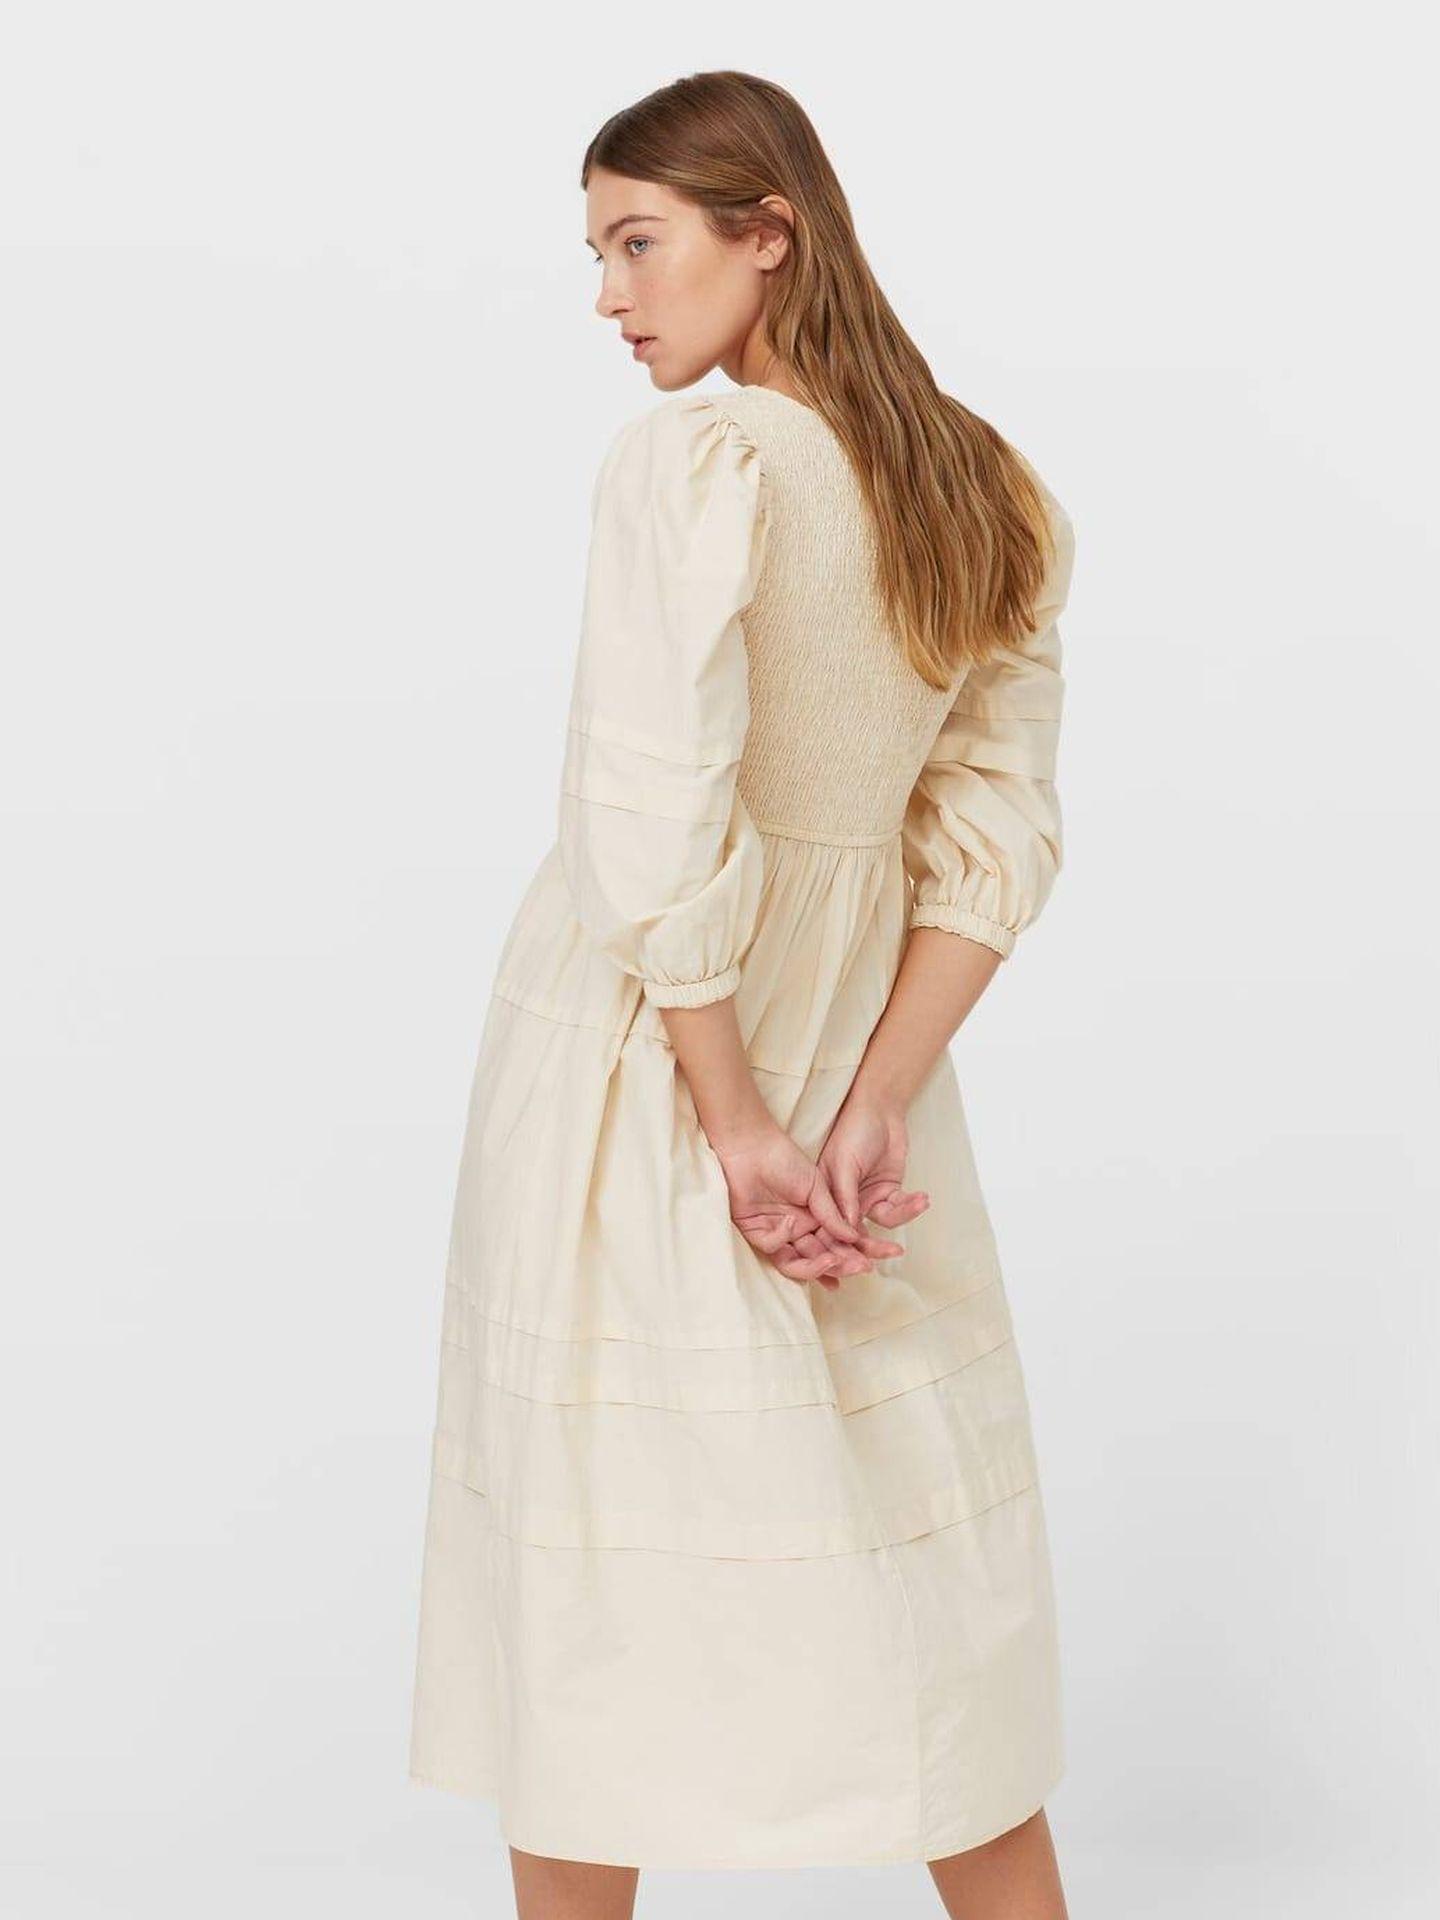 El vestido rústico de Stradivarius. (Cortesía)